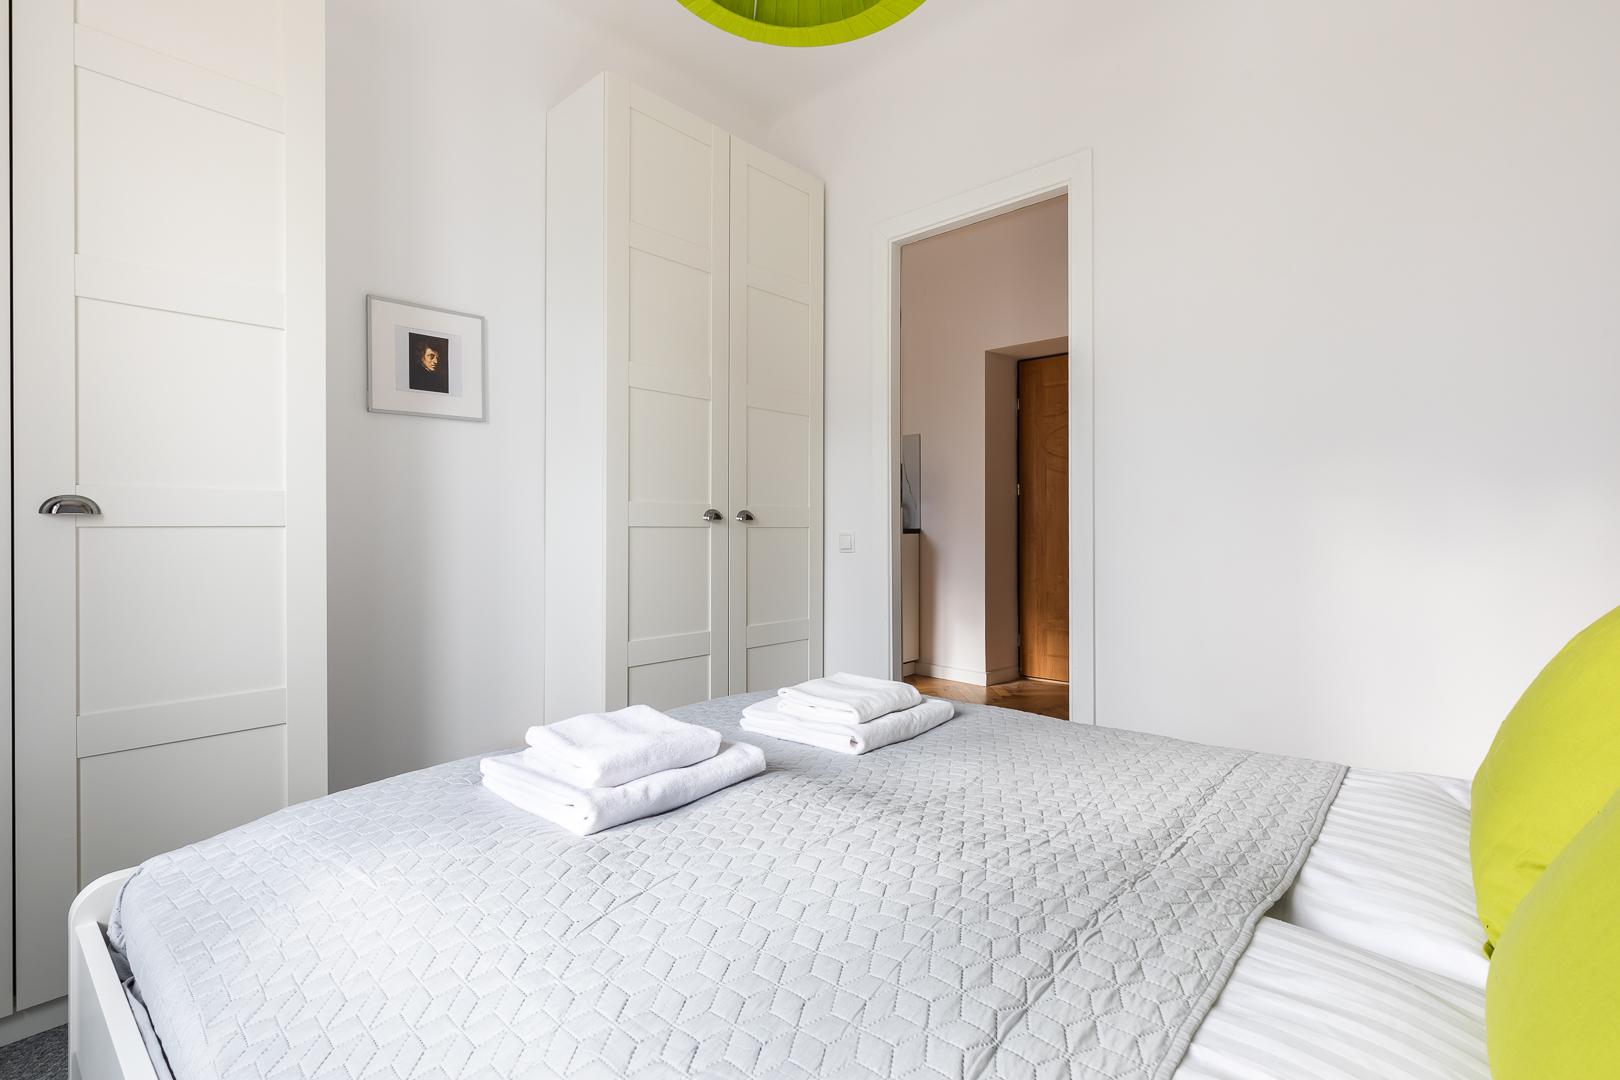 Bright bedroom at Franciszkaska 10 Apartment